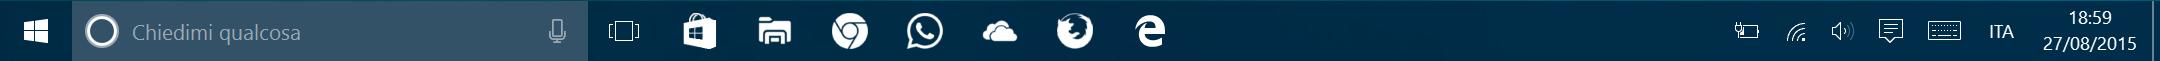 Organizzazione taskbar (15)